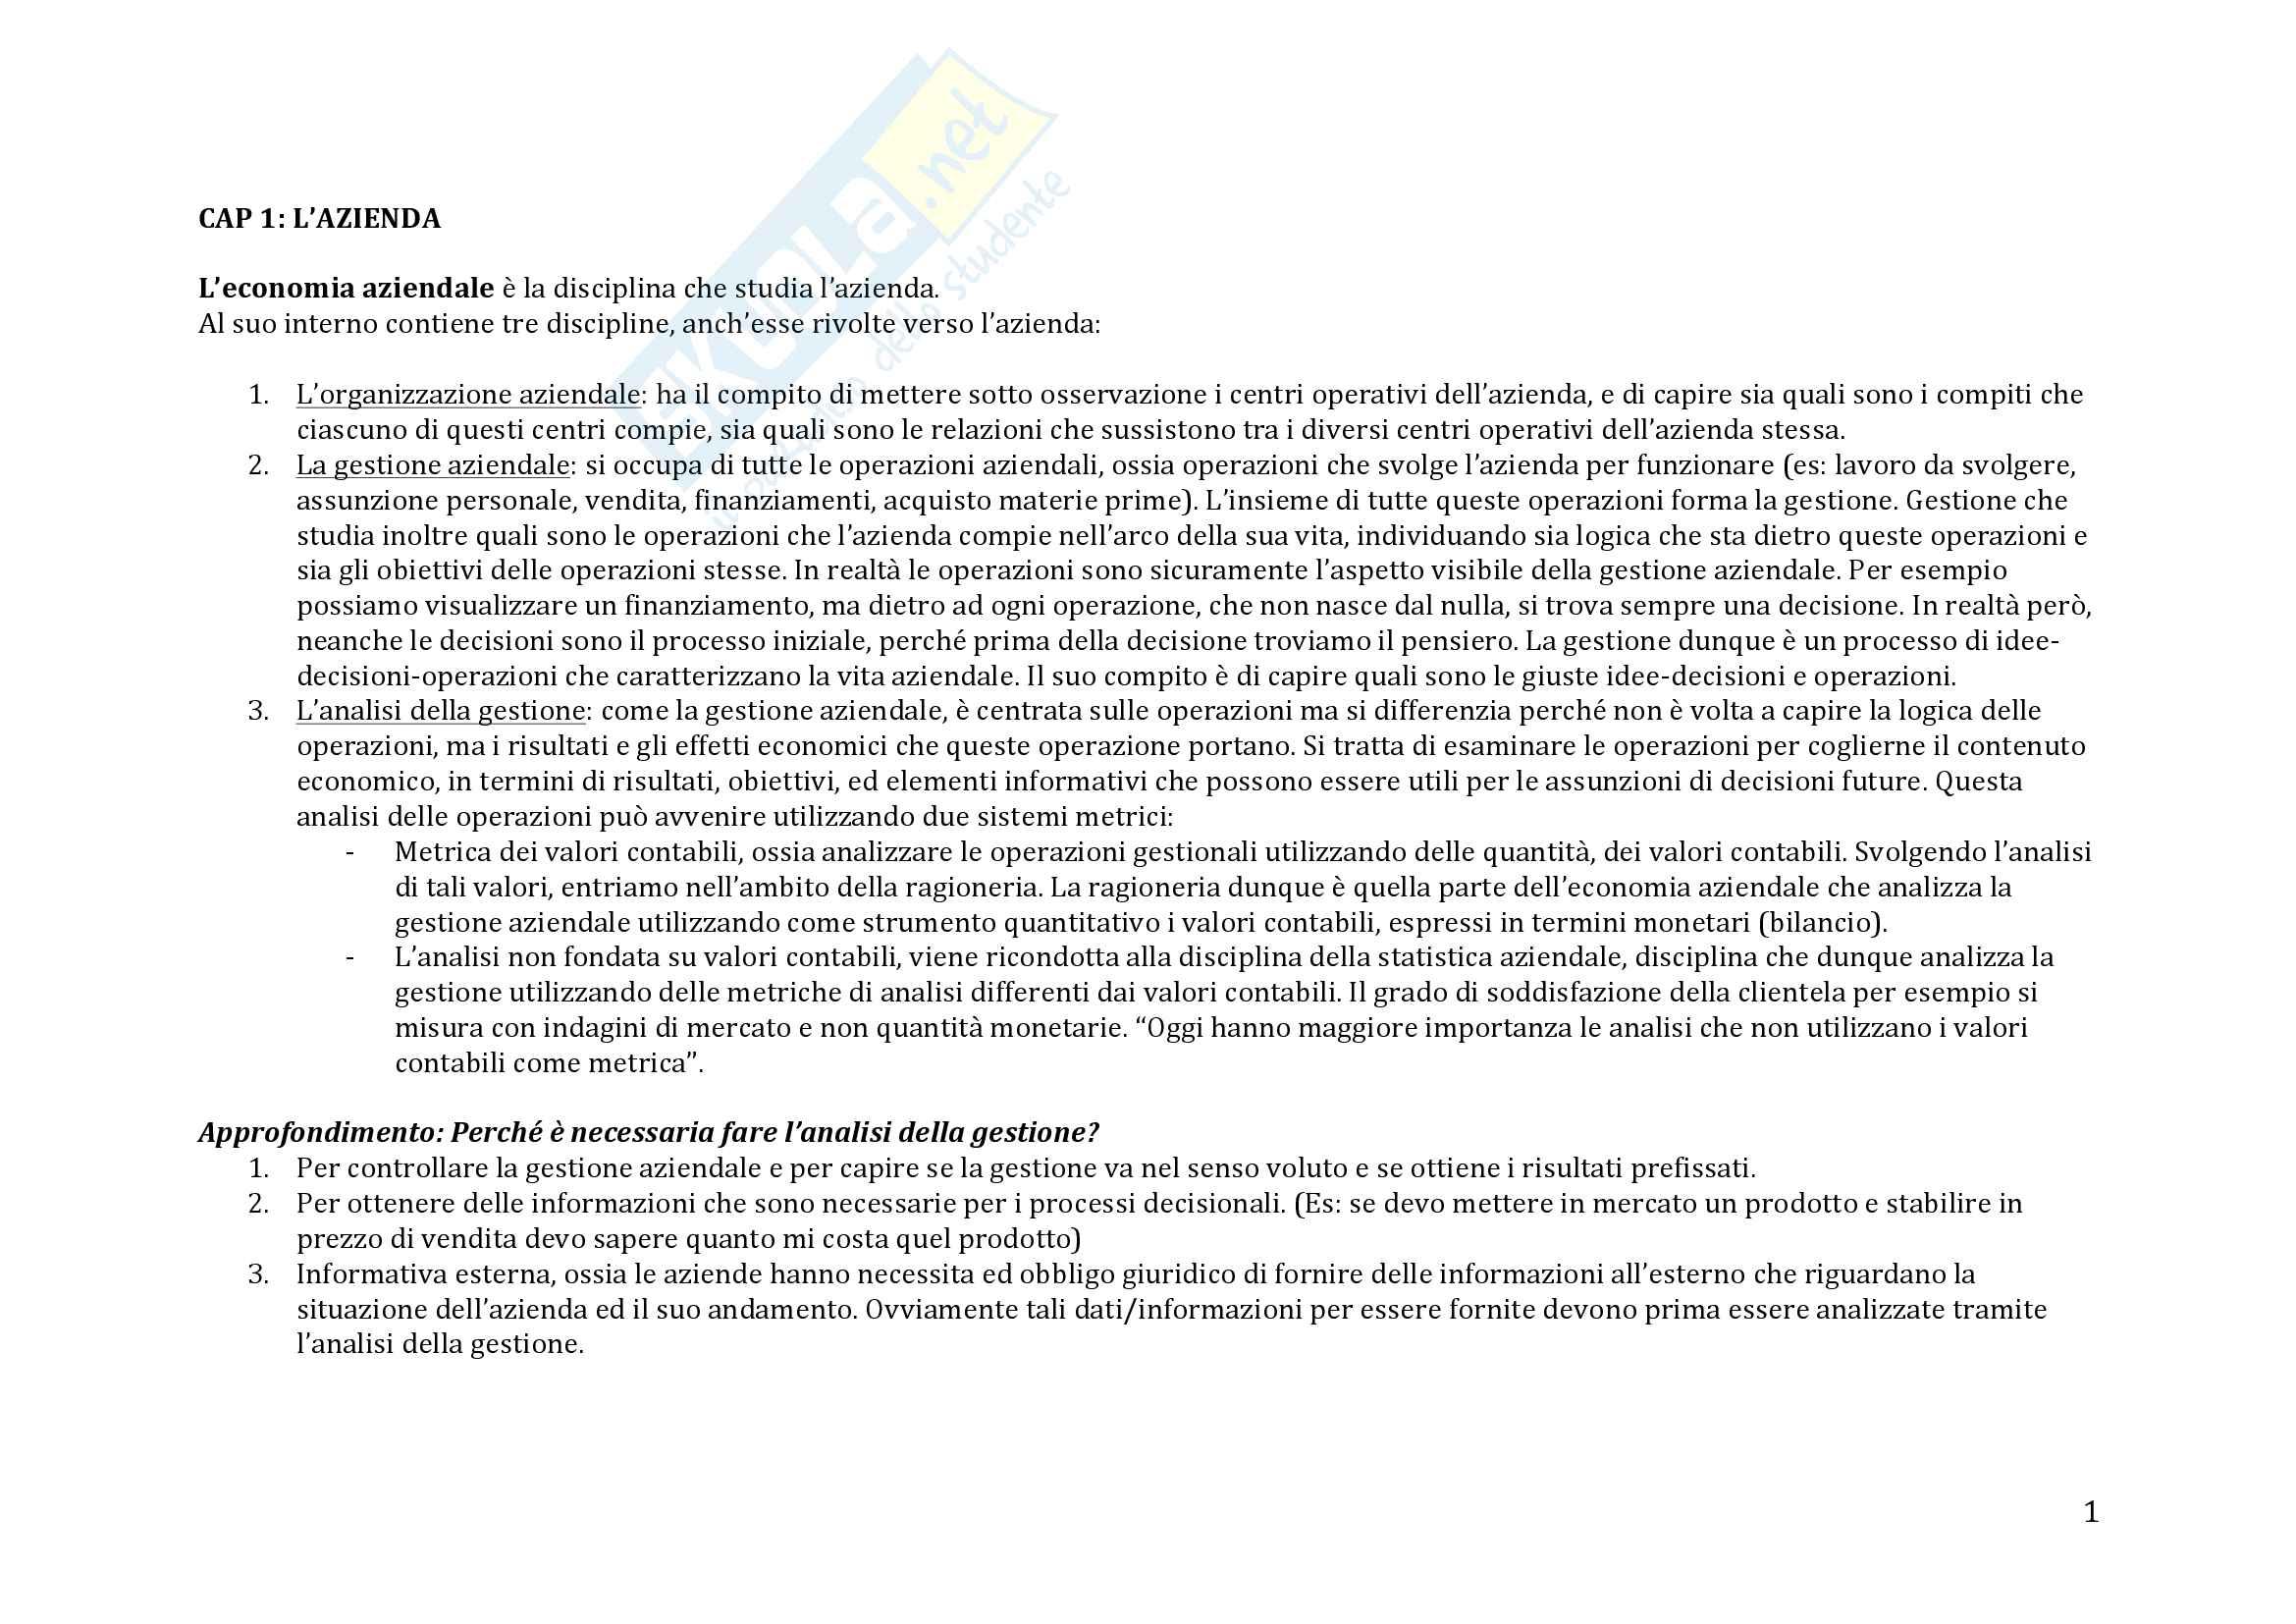 Riassunto esame Economia Aziendale - Michele Galeotti